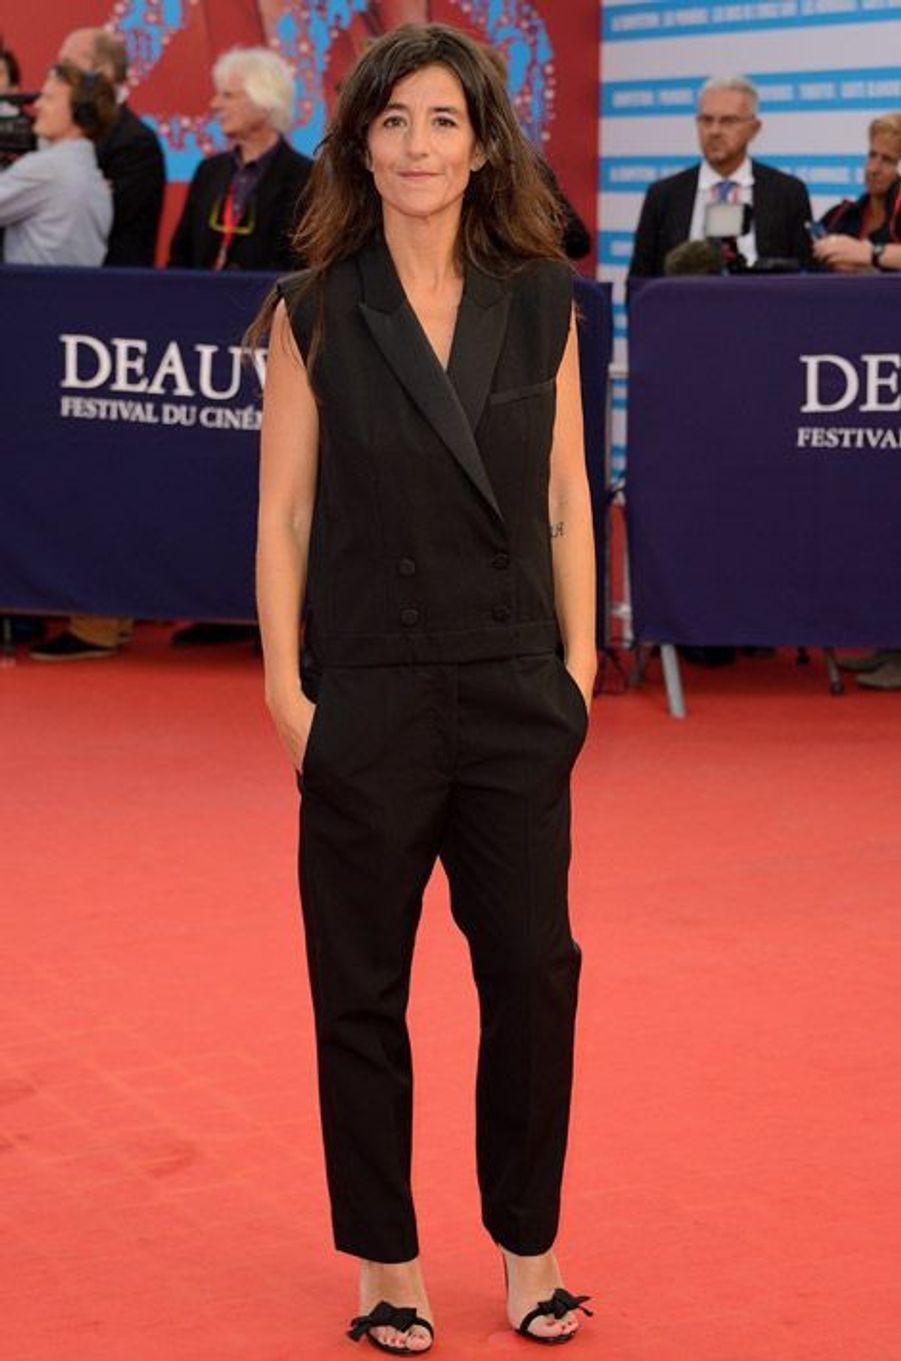 L'actrice Romane Bohringer lors de la cérémonie de clôture du festival de Deauville, le 13 septembre 2014